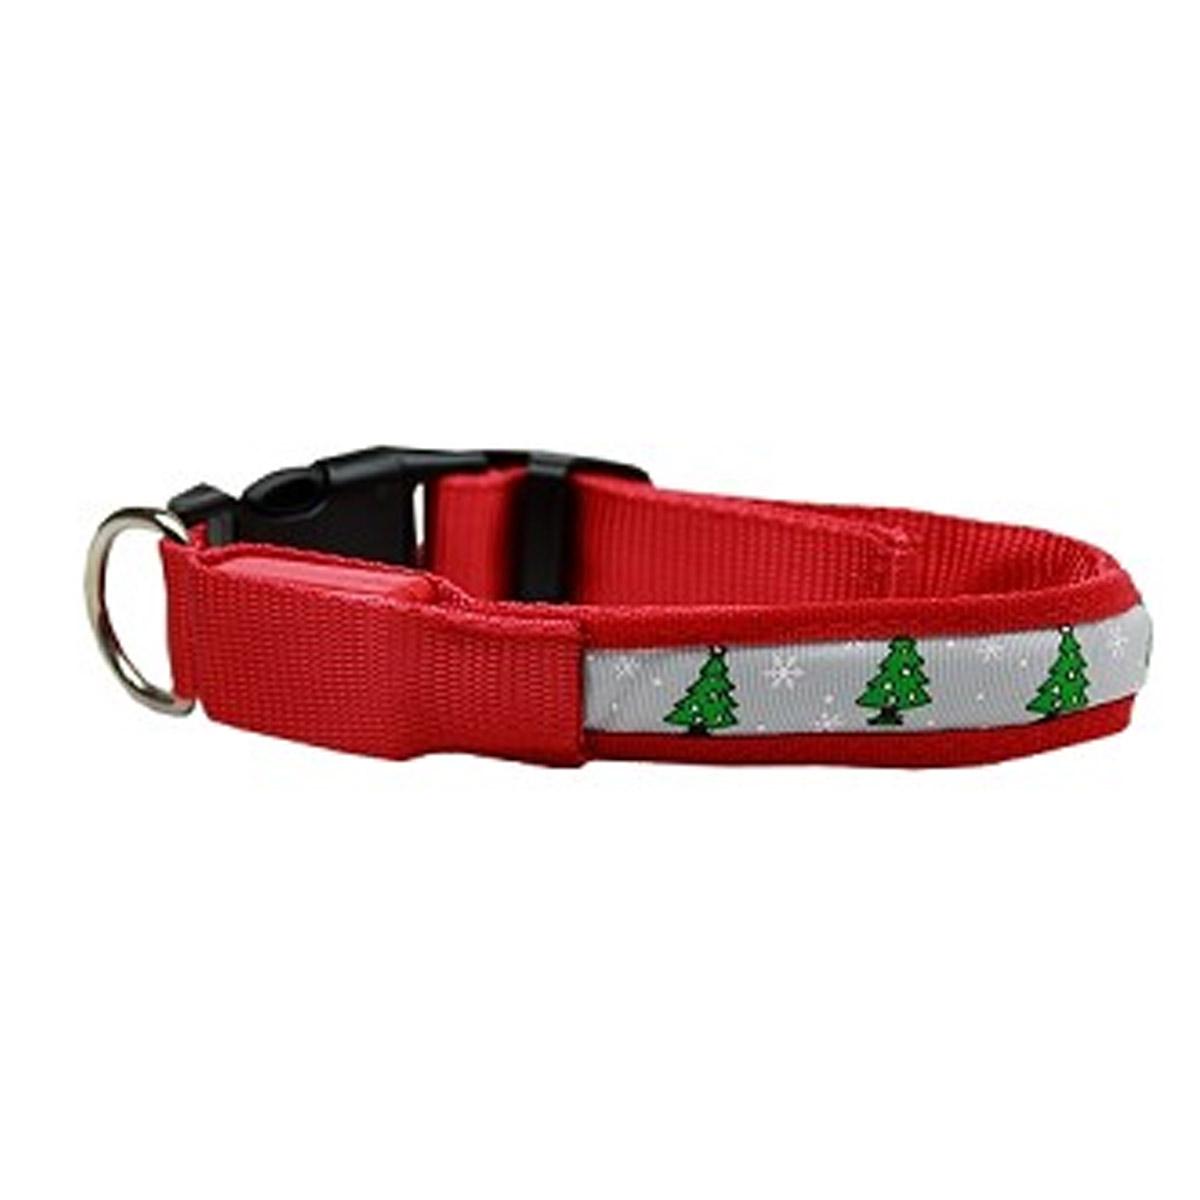 LED Christmas Tree Dog Collar